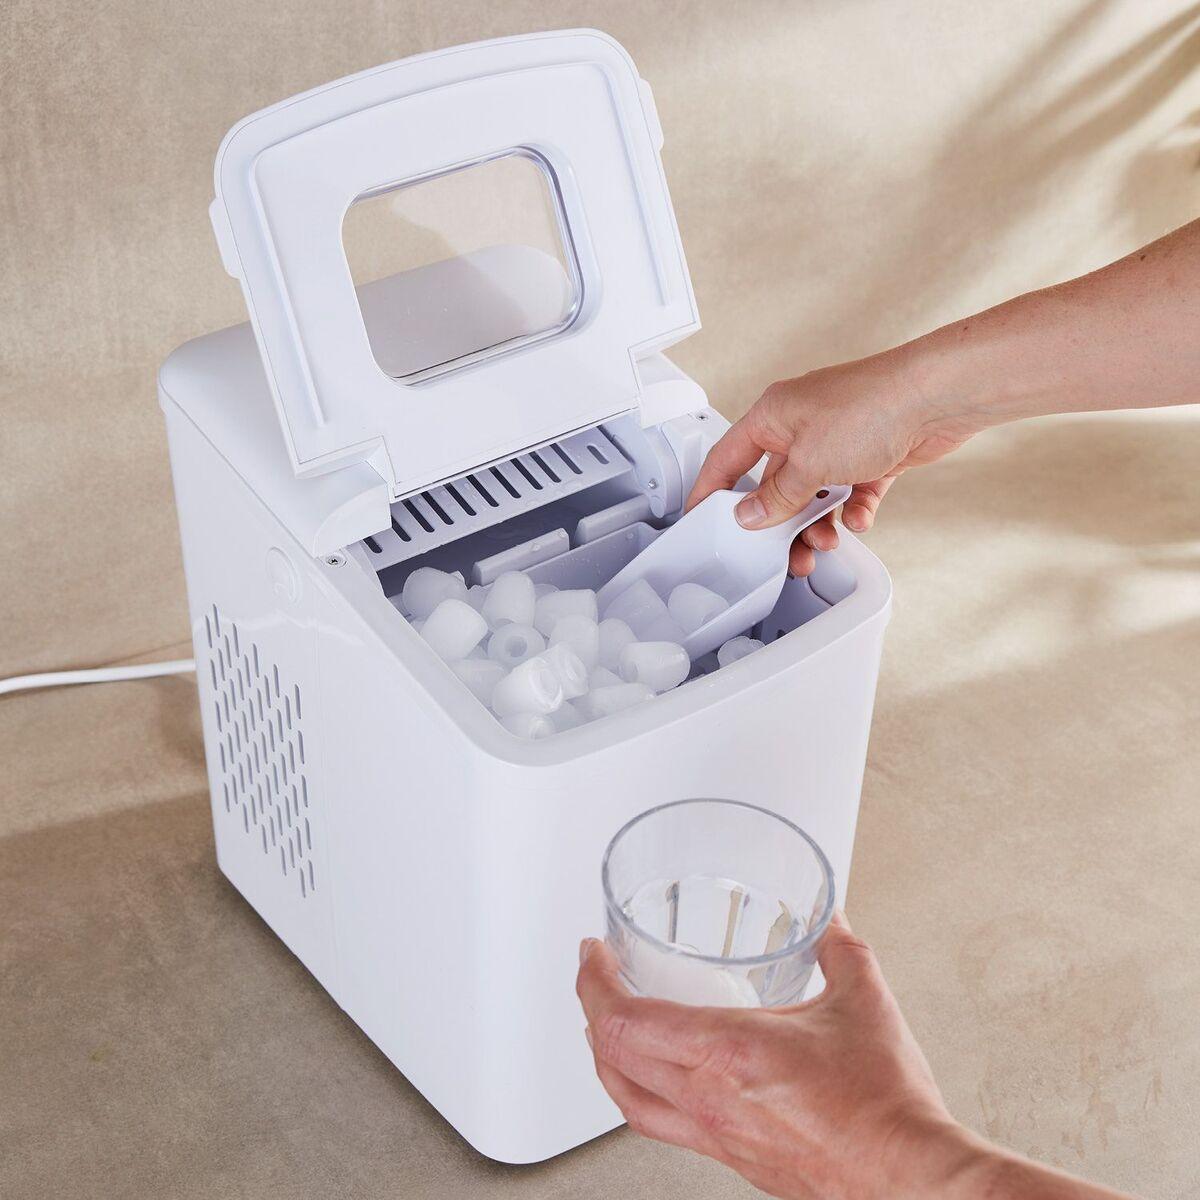 Bild 4 von AMBIANO Eiswürfelmaschine